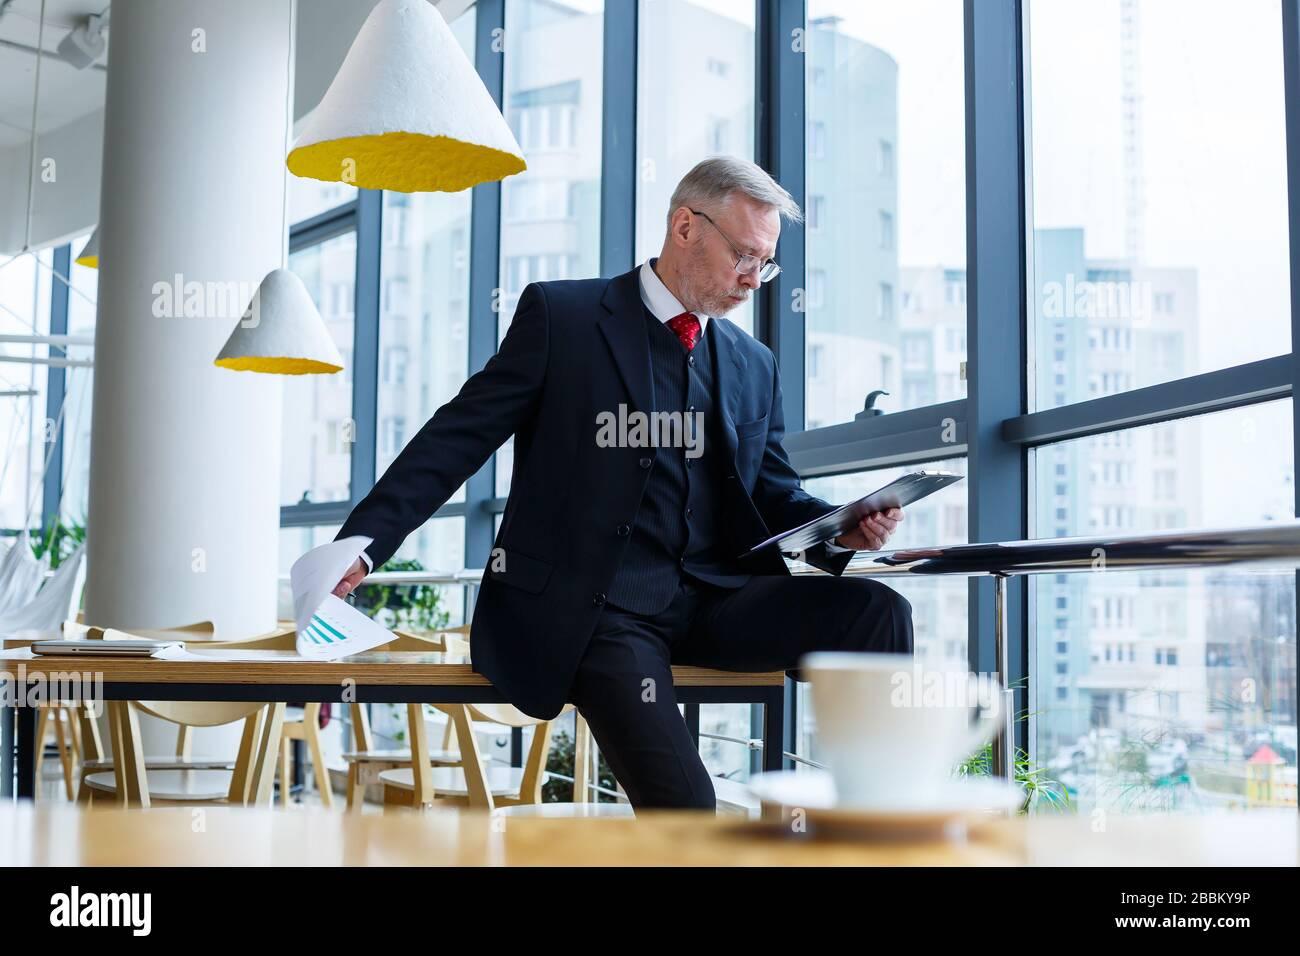 El director general del hombre se inclinó sobre una mesa de madera en su oficina cerca de una ventana grande y observa un plan de desarrollo empresarial exitoso. Foto de stock